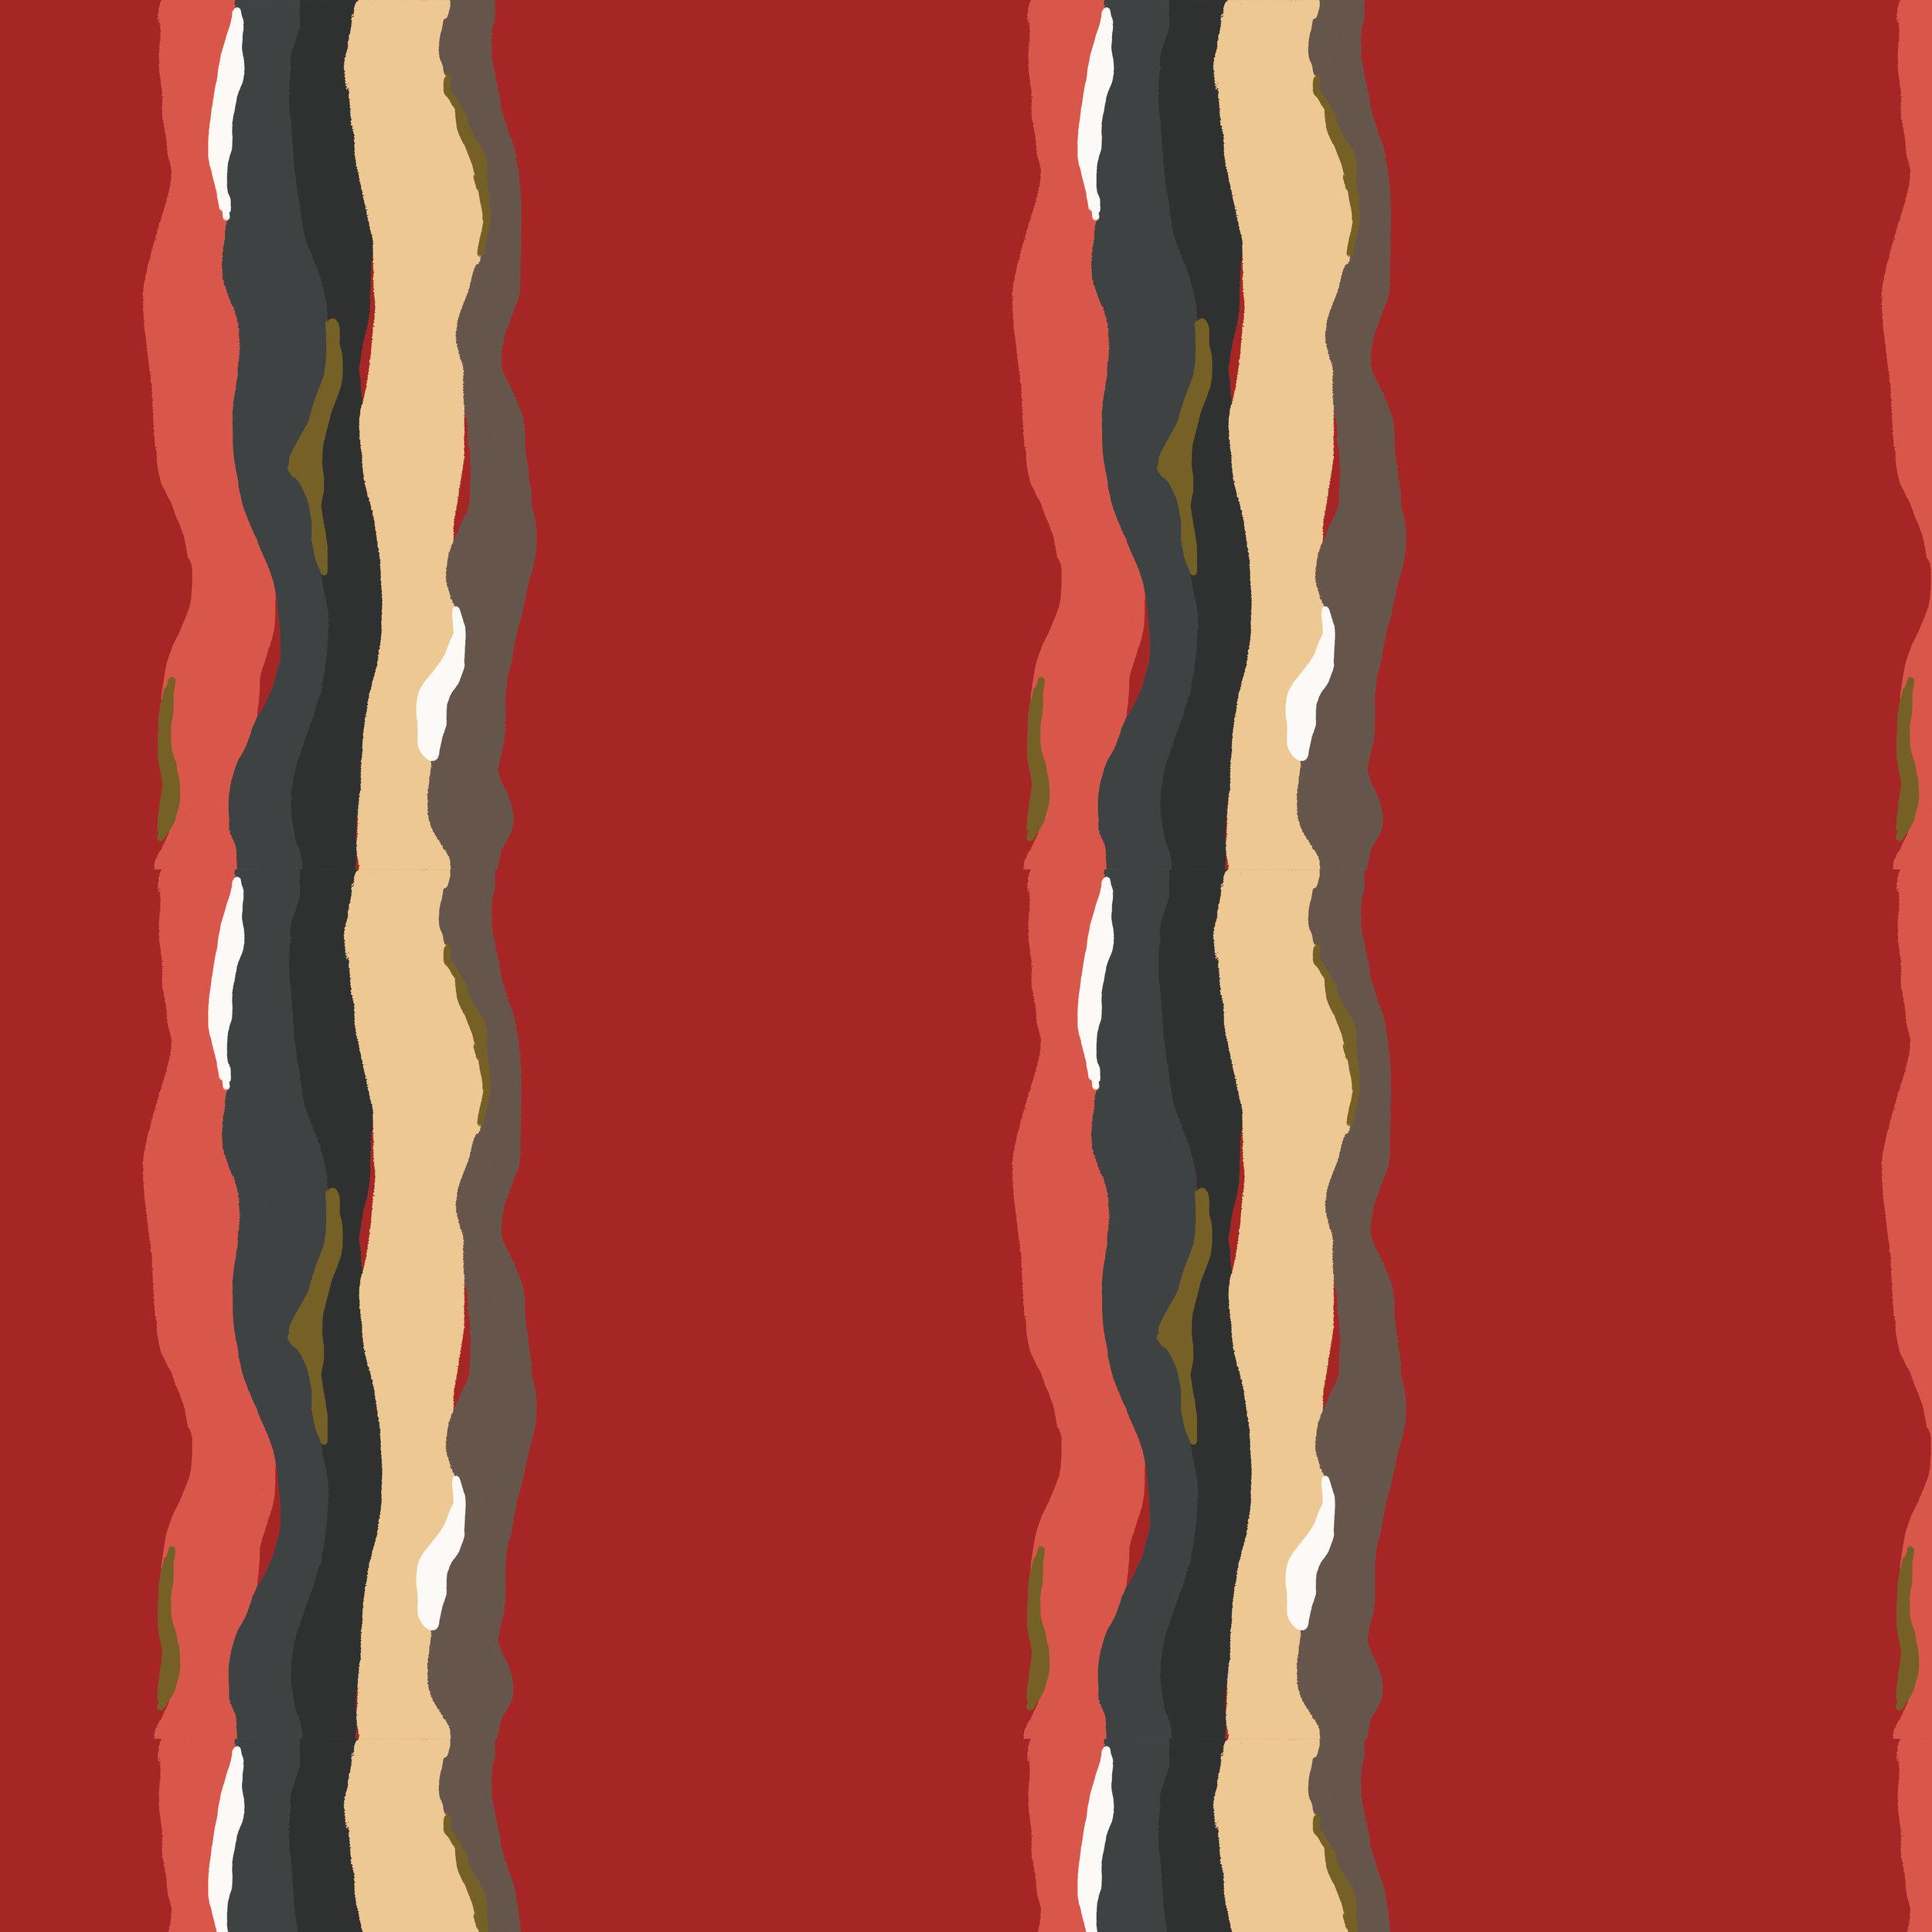 santorini stripe red in repeat.jpg